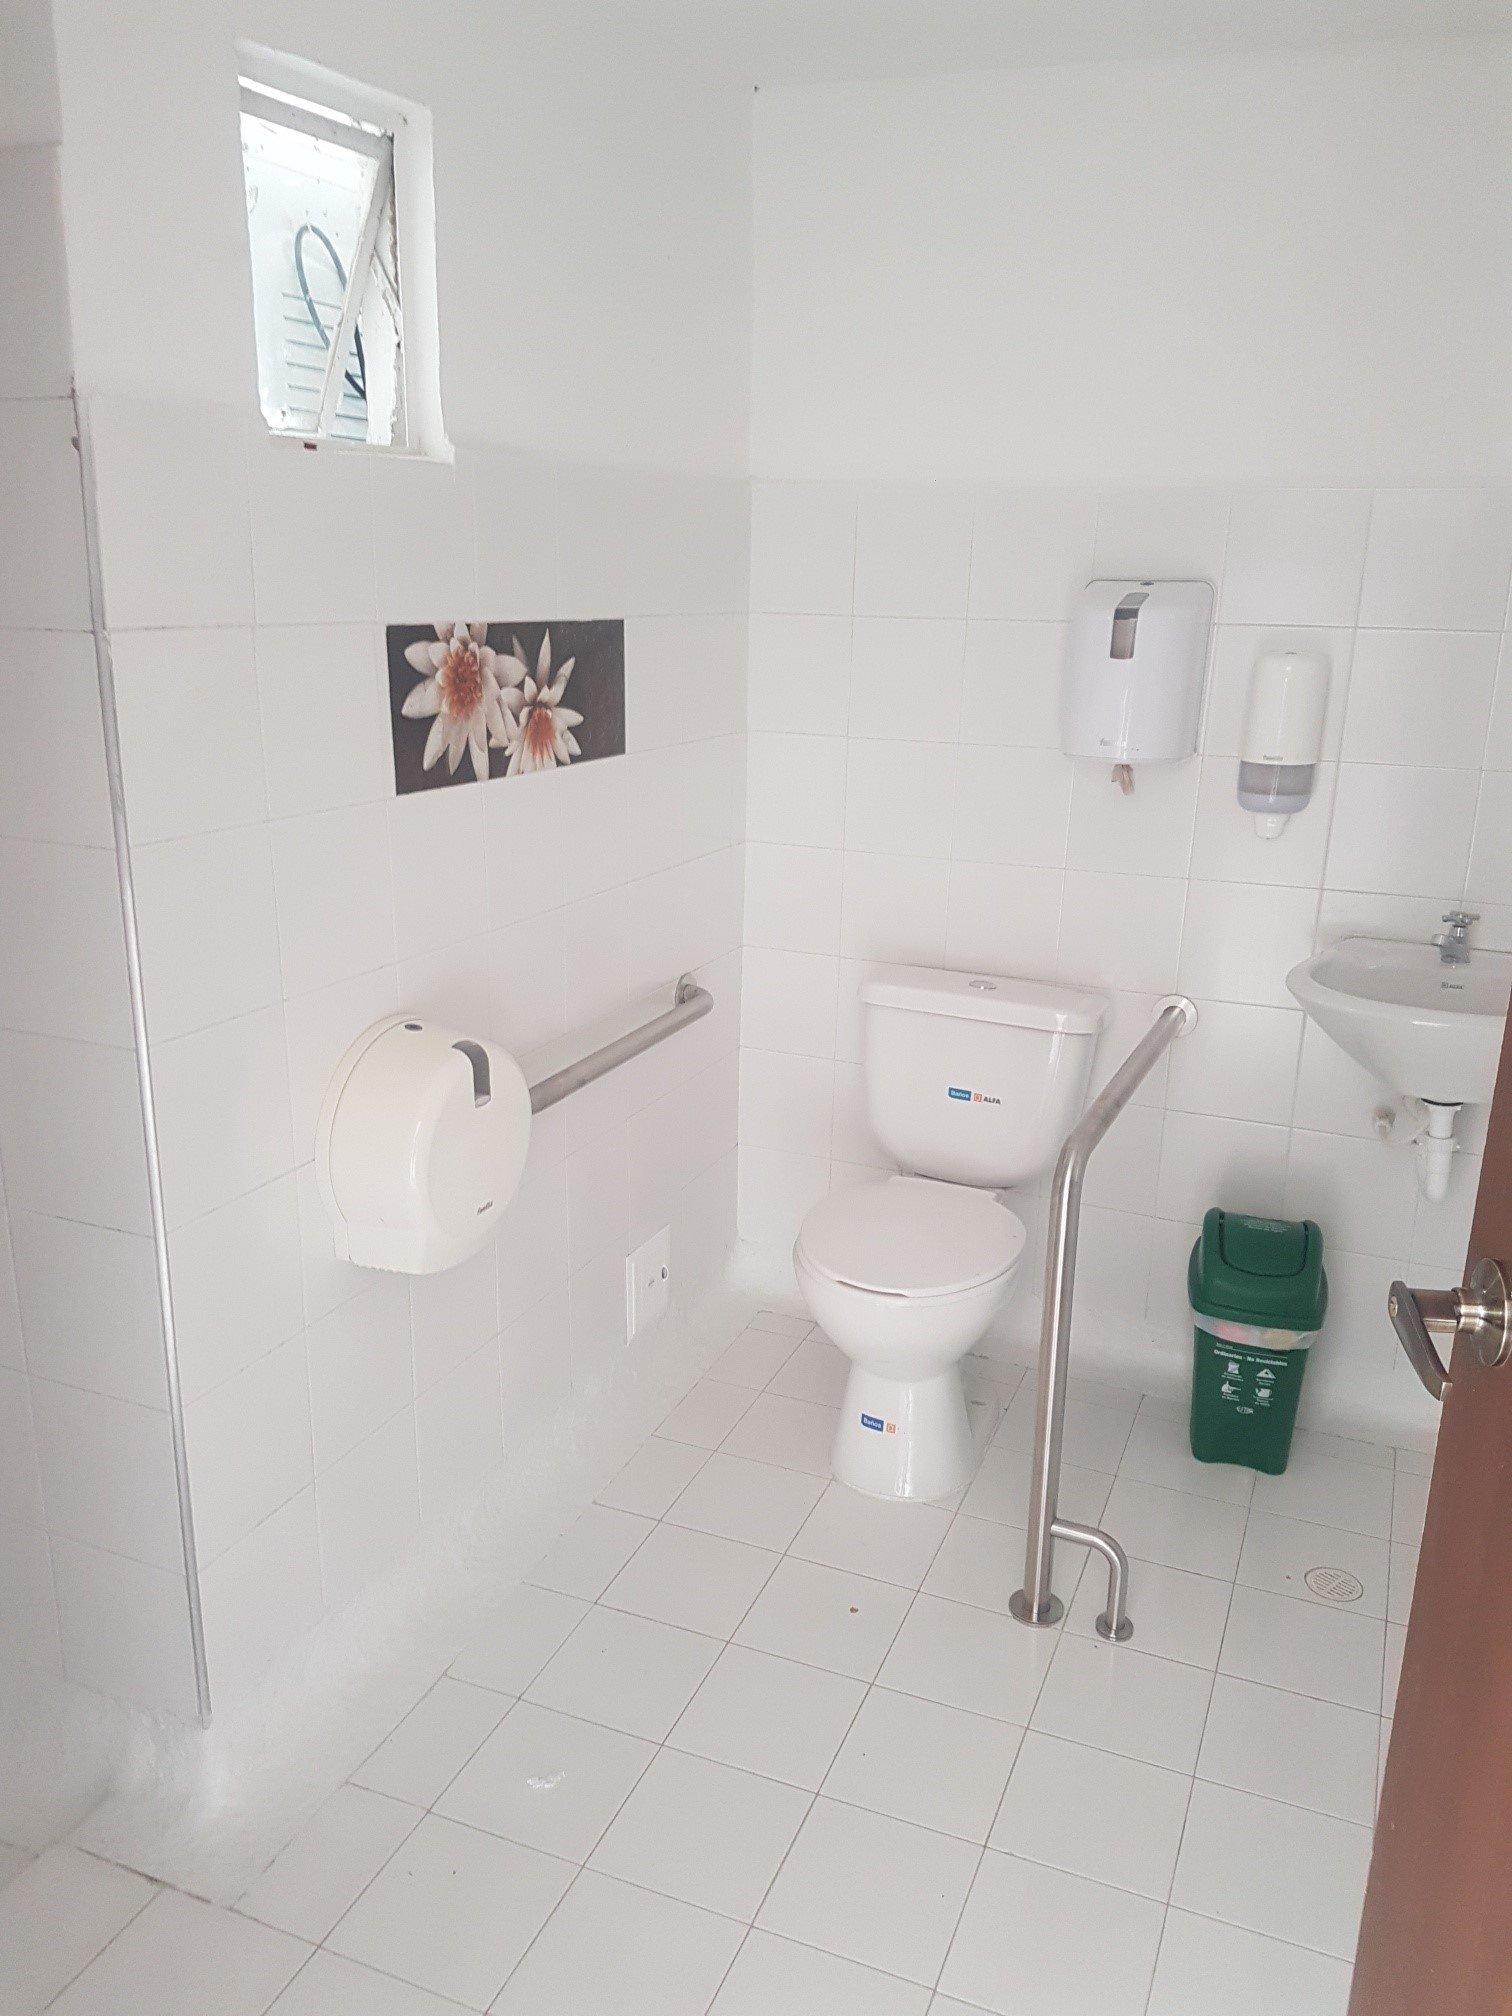 Baños espaciosos y confortables